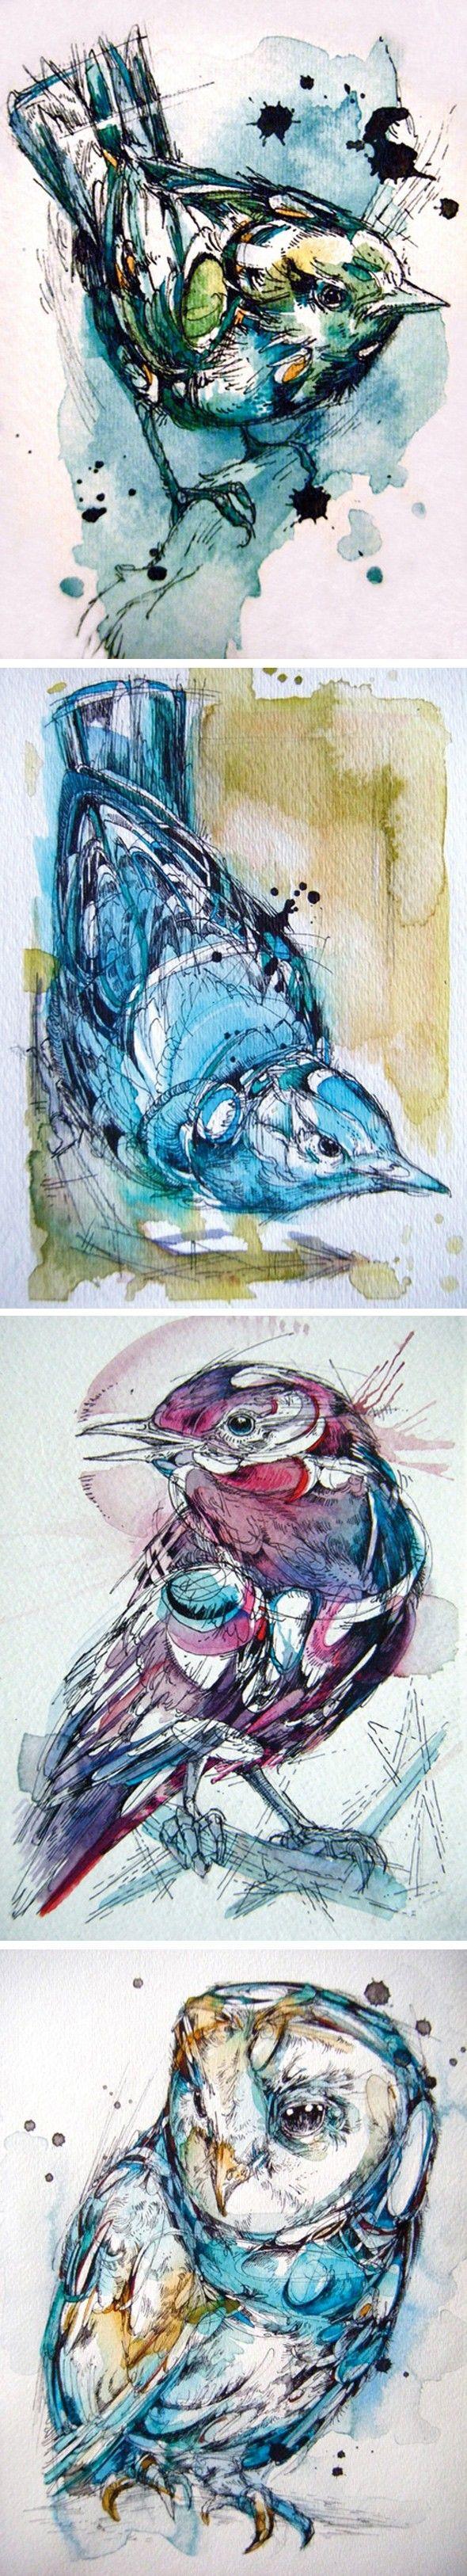 Dessins et peintures d'oiseaux par Abby - Journal du Design